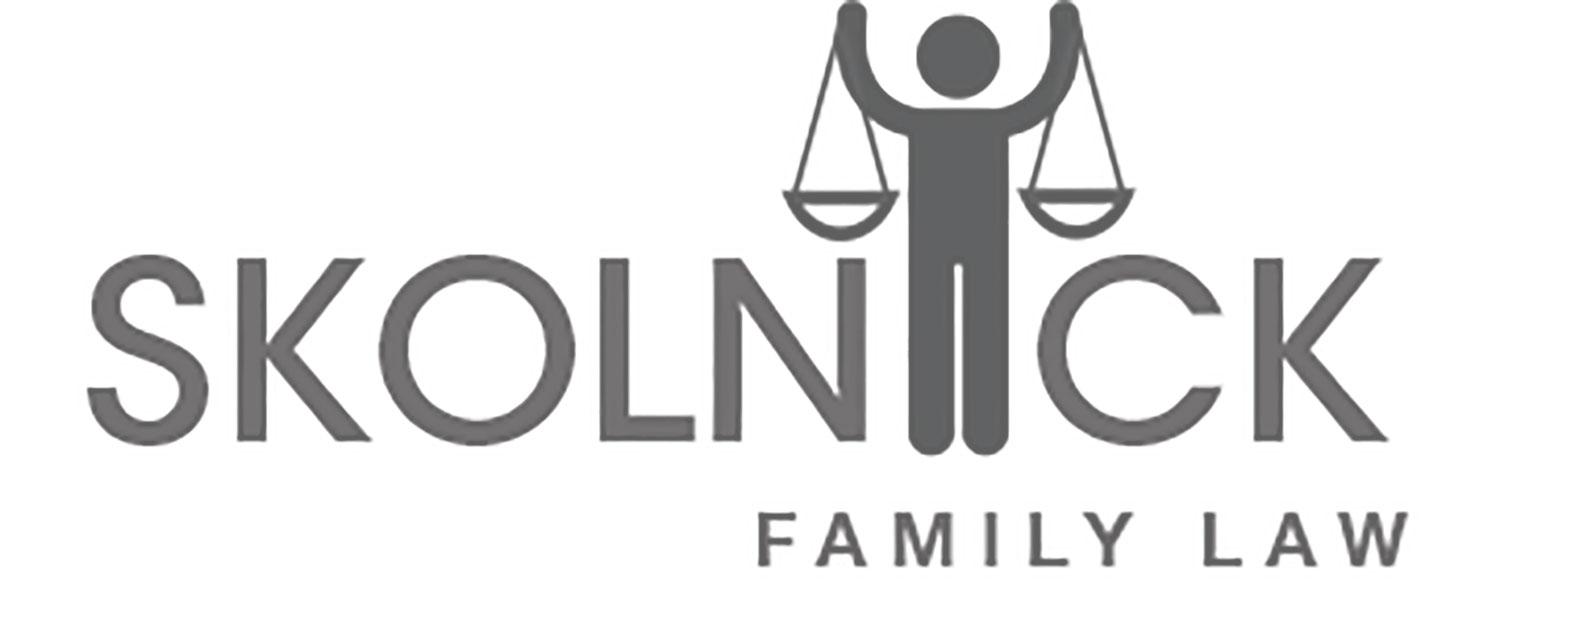 Skolnick Family Law-Jennifer Skolnick